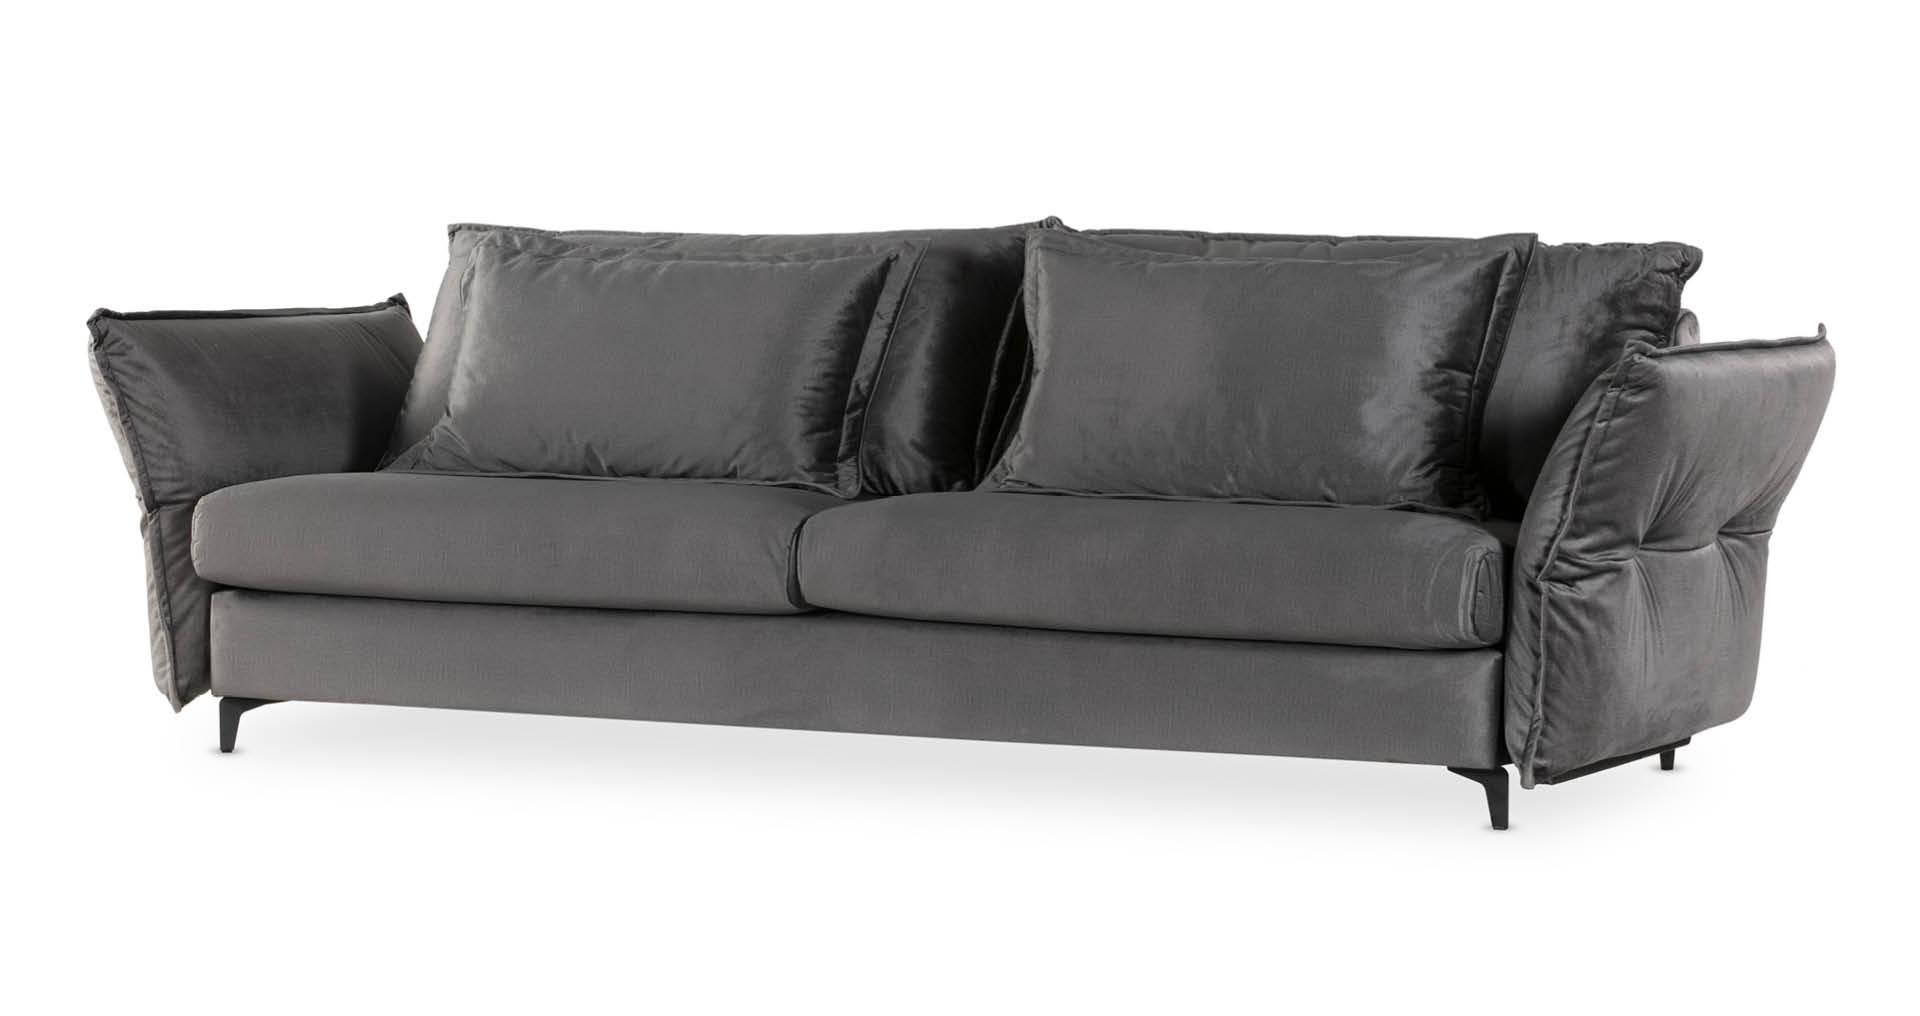 """ספה כרמן 290 ס""""מ בגוון אפור שילד"""